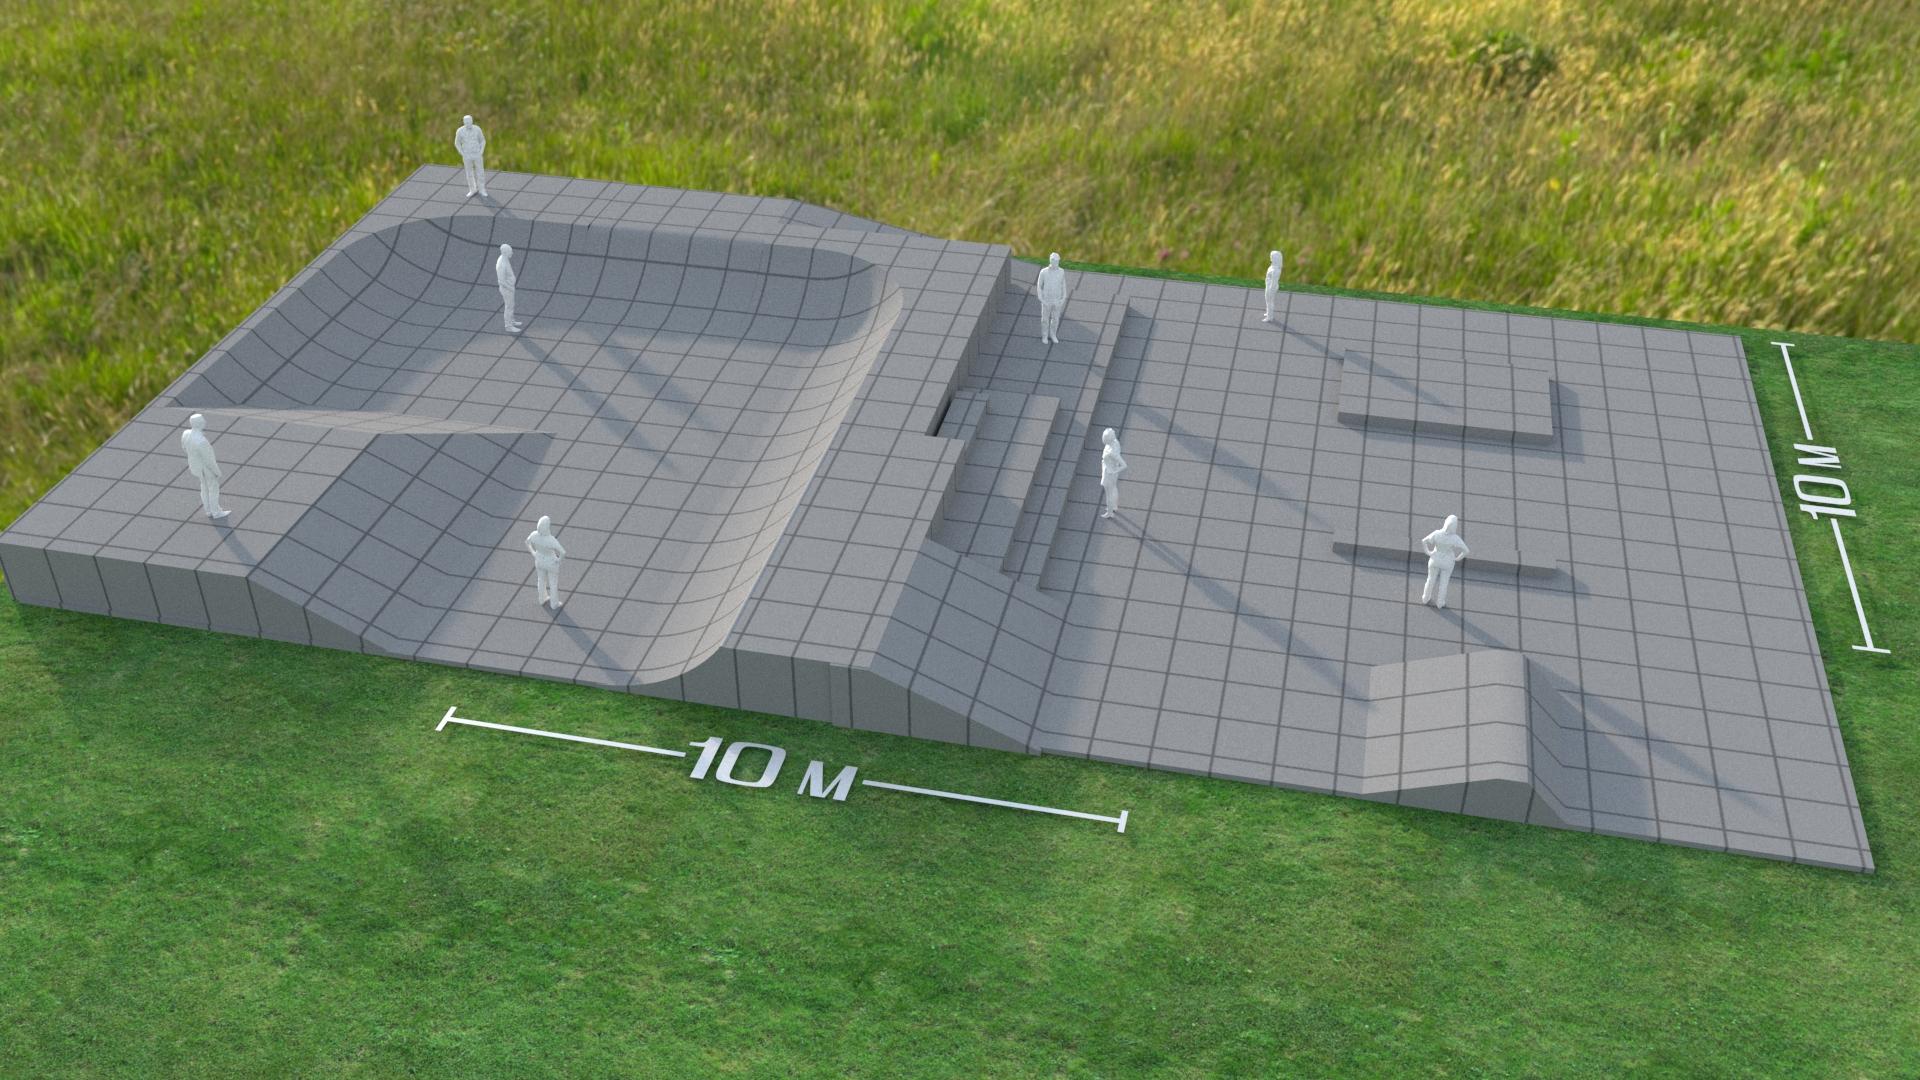 parkham skatepark